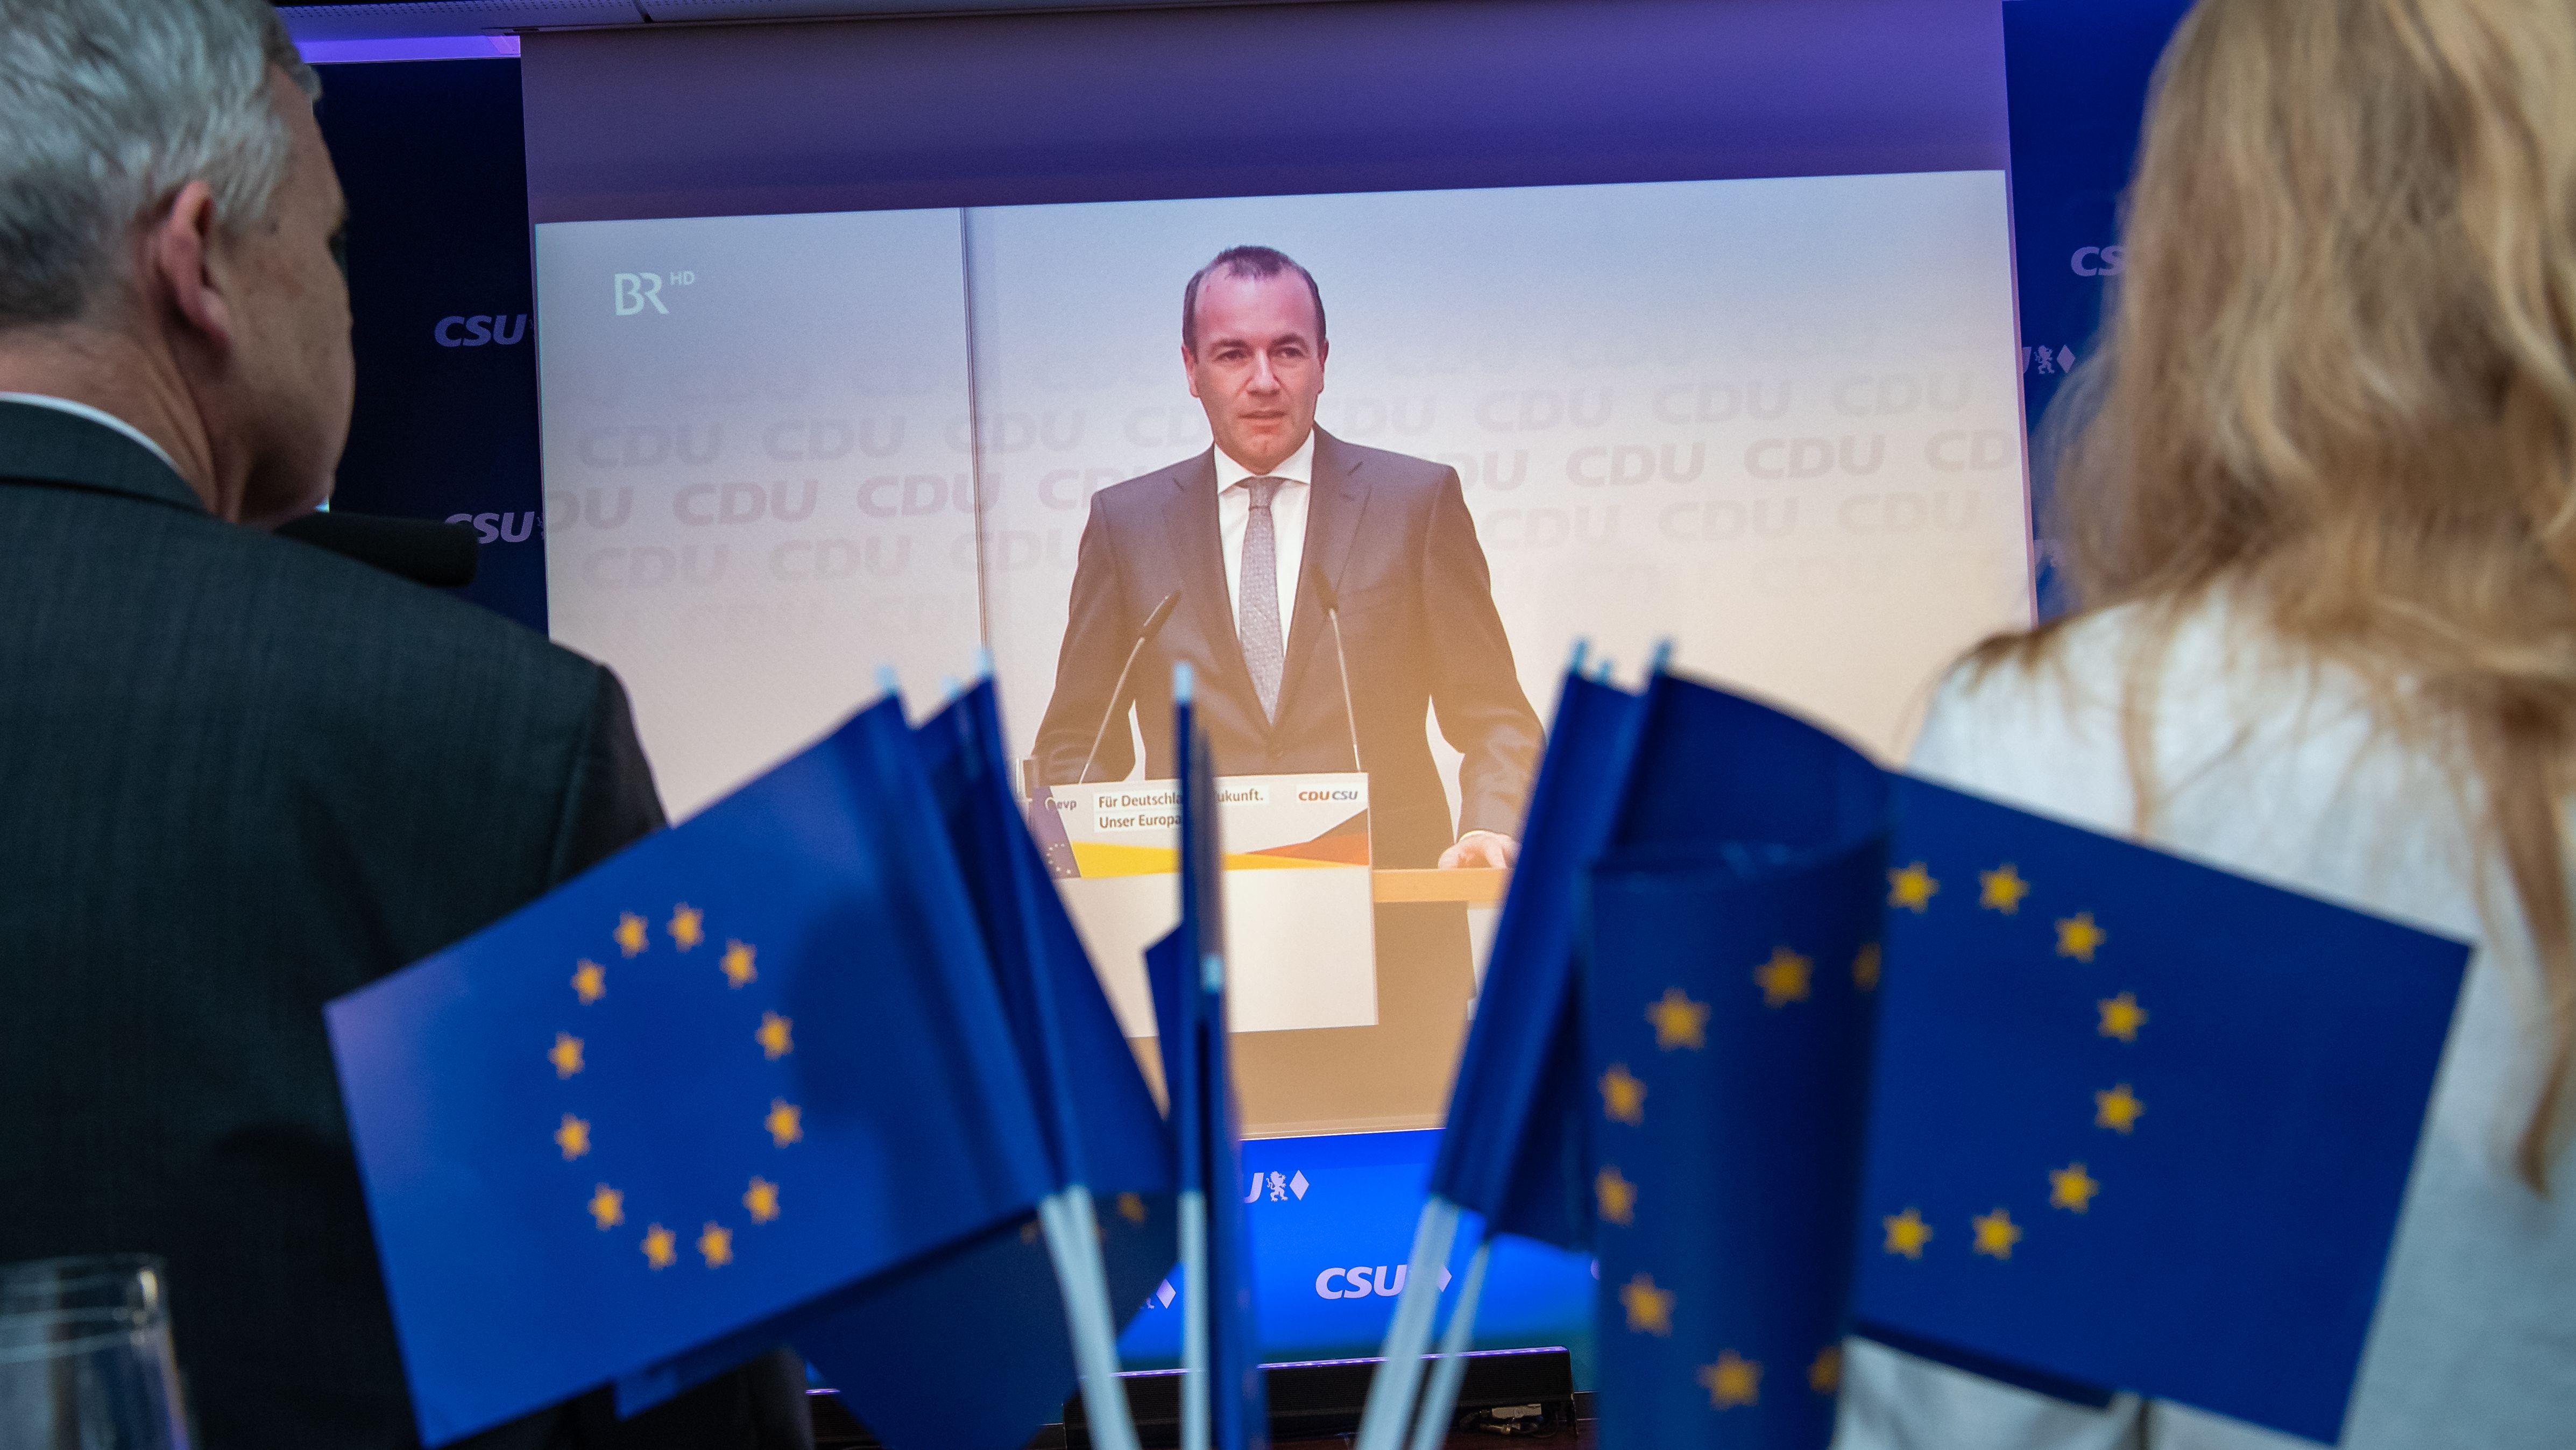 Manfred Weber ist auf der CSU-Wahlparty in München auf einem Monitor zu sehen